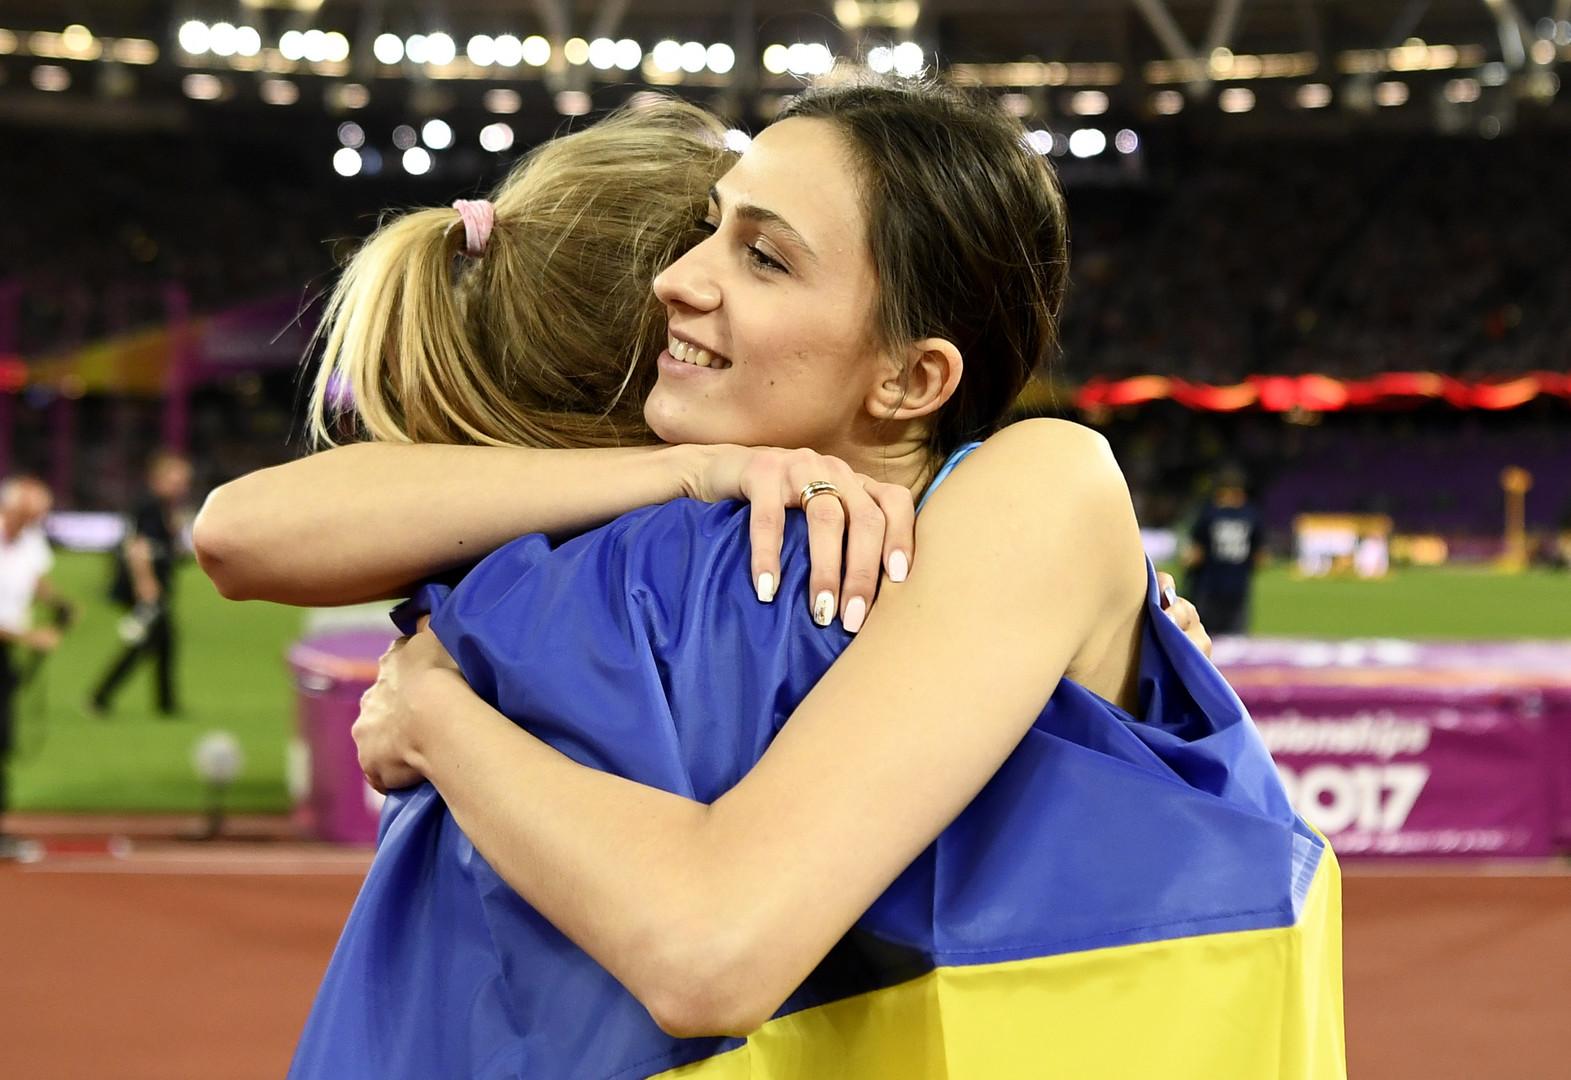 Спорт без границ: как Ласицкене и украинка Левченко поздравили друг друга на чемпионате мира